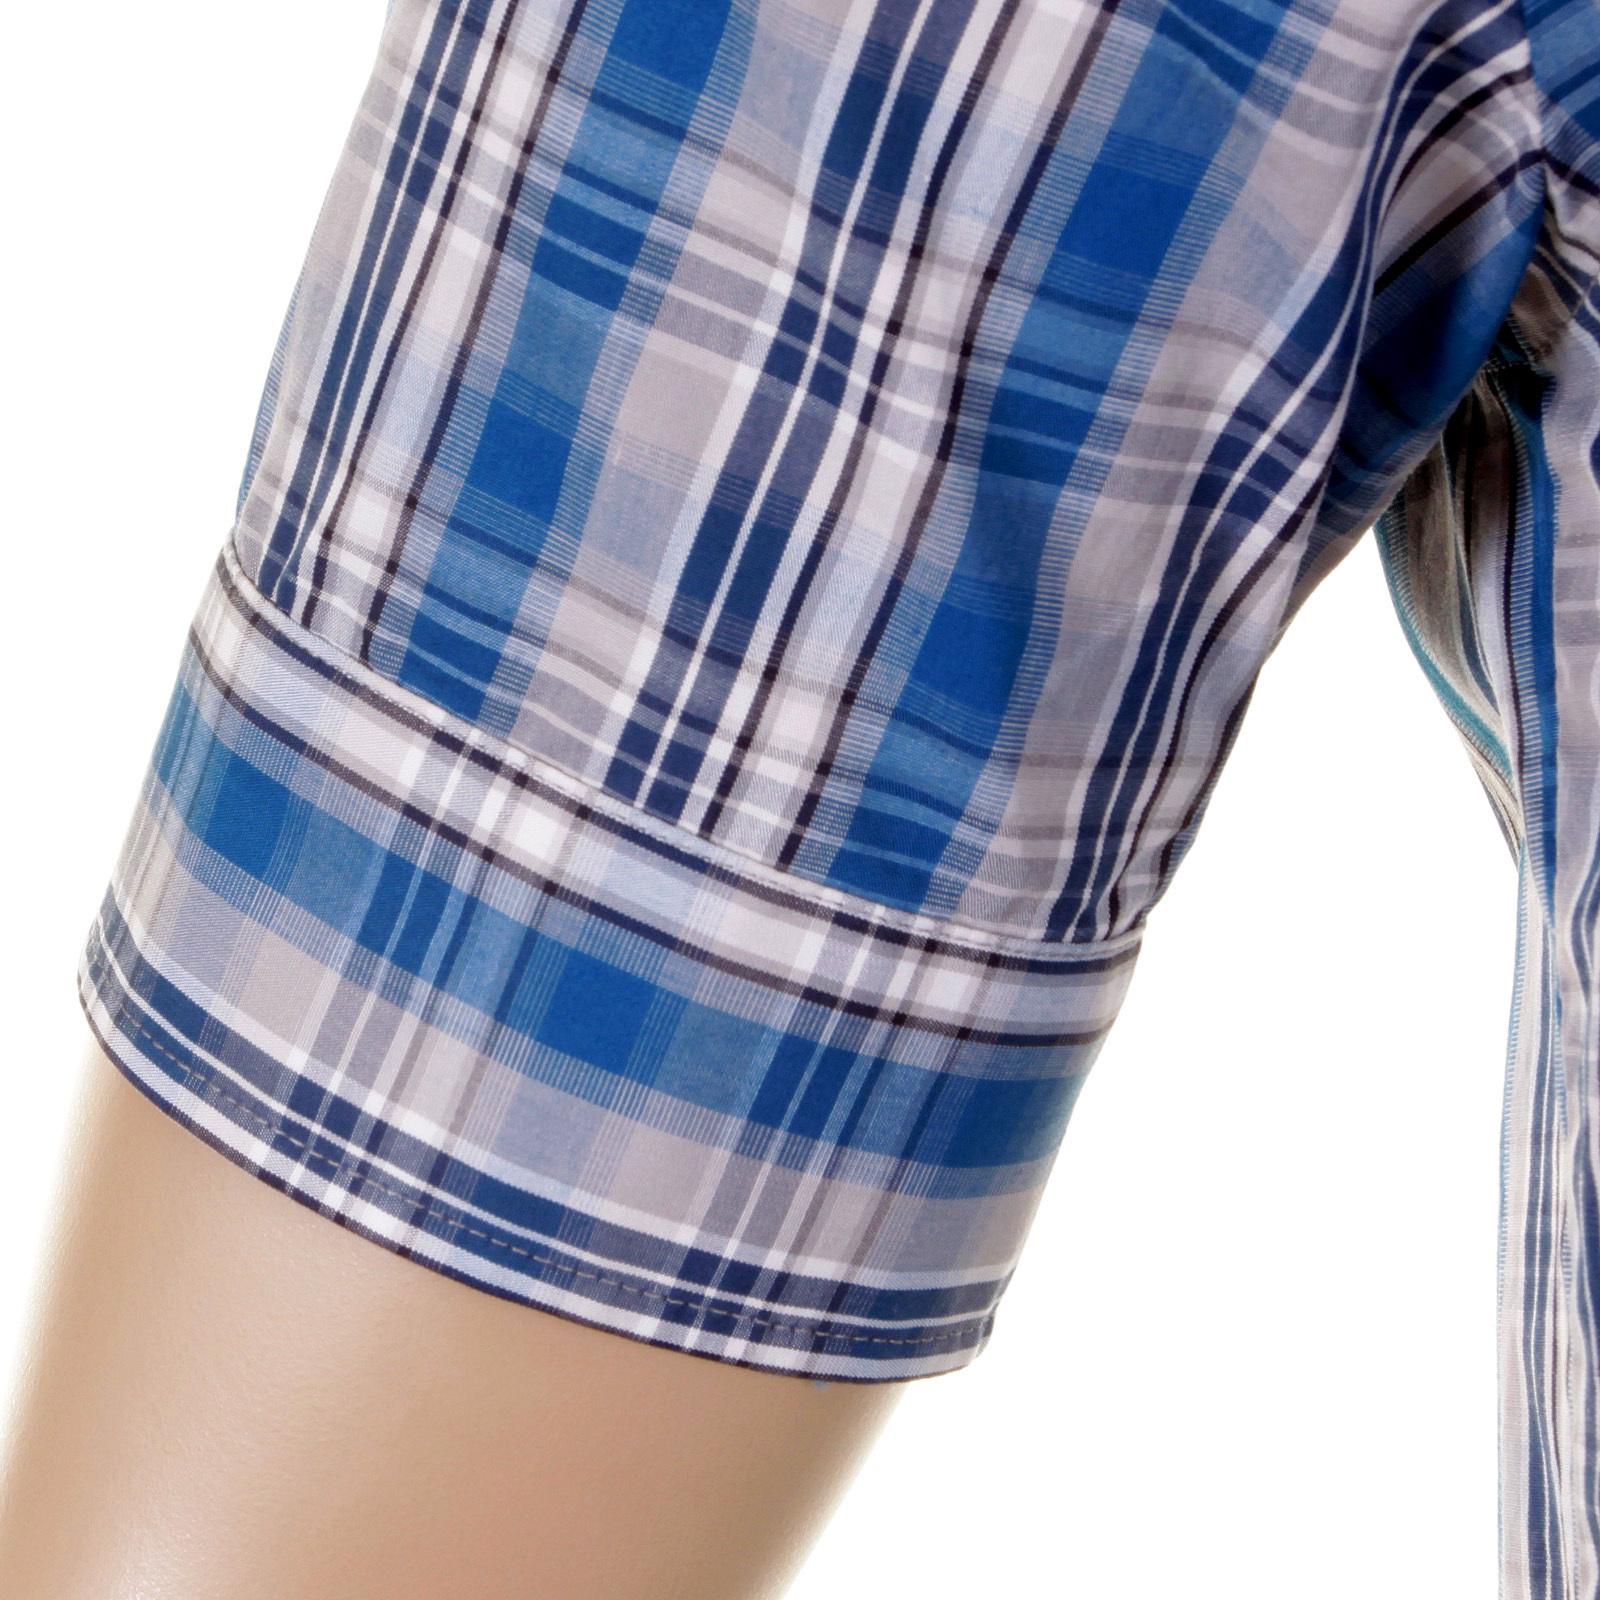 8cad3a7bd Hugo Boss mens casual shirt Rodolf 50148930 check shirt BOSS0520 at ...